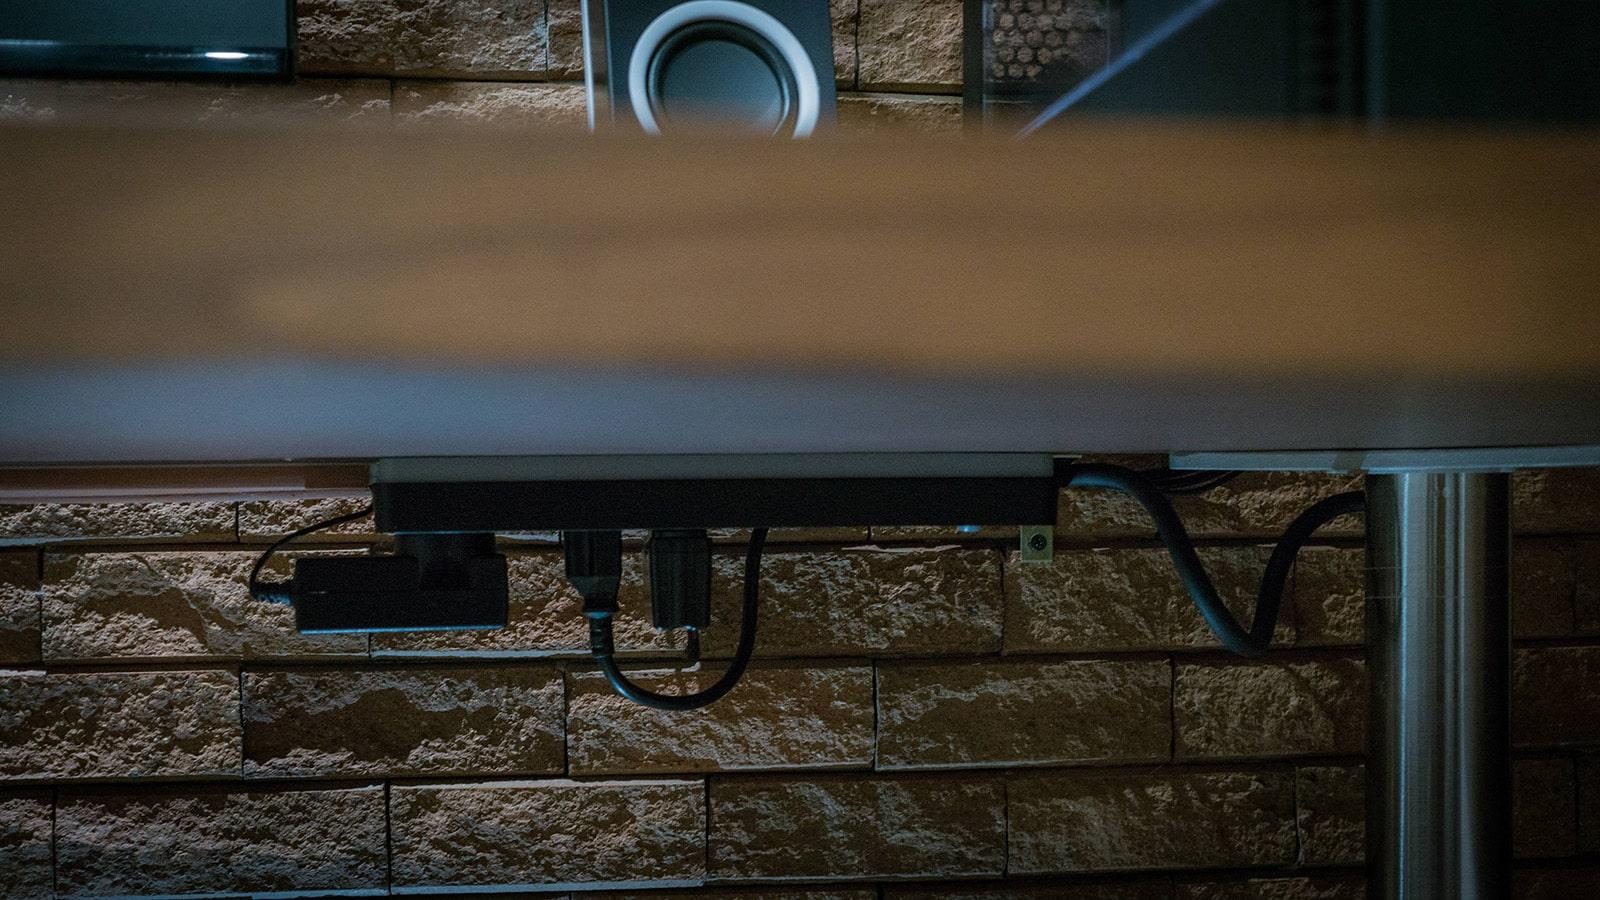 Gestión De Cables Por Debajo De La Mesa